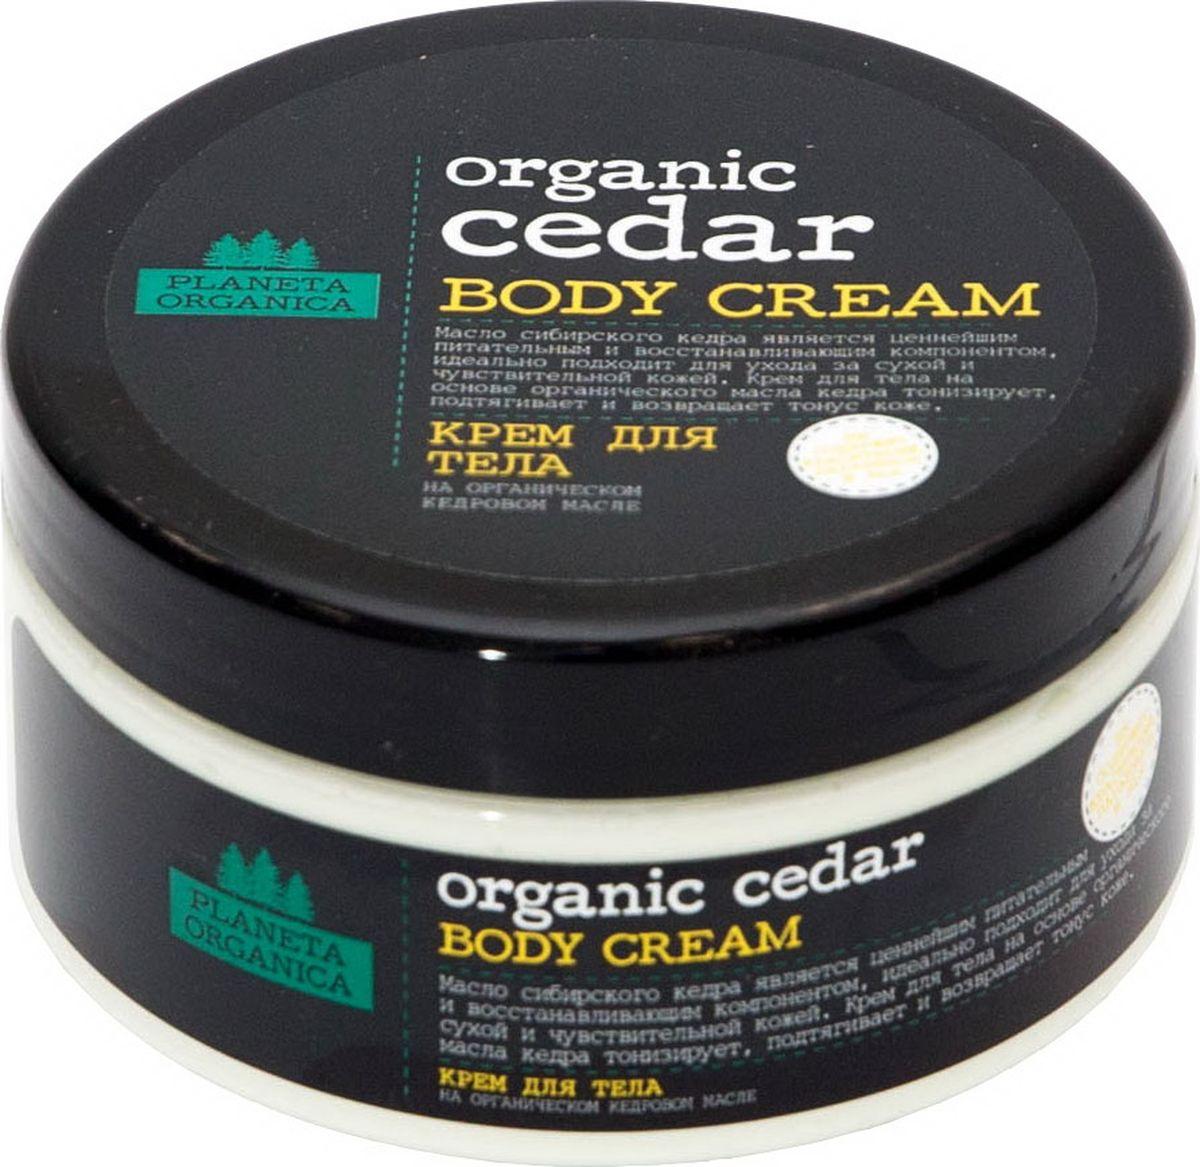 Planeta Organica крем для тела Органик Кедр, 300 мл071-2-1325Крем для тела на основе органического масла сибирского кедра помогает восстановить защитные свойства кожи. Прекрасно смягчает кожу, делает её более упругой и эластичной. Обеспечивает длительную защиту и мягкий уход.